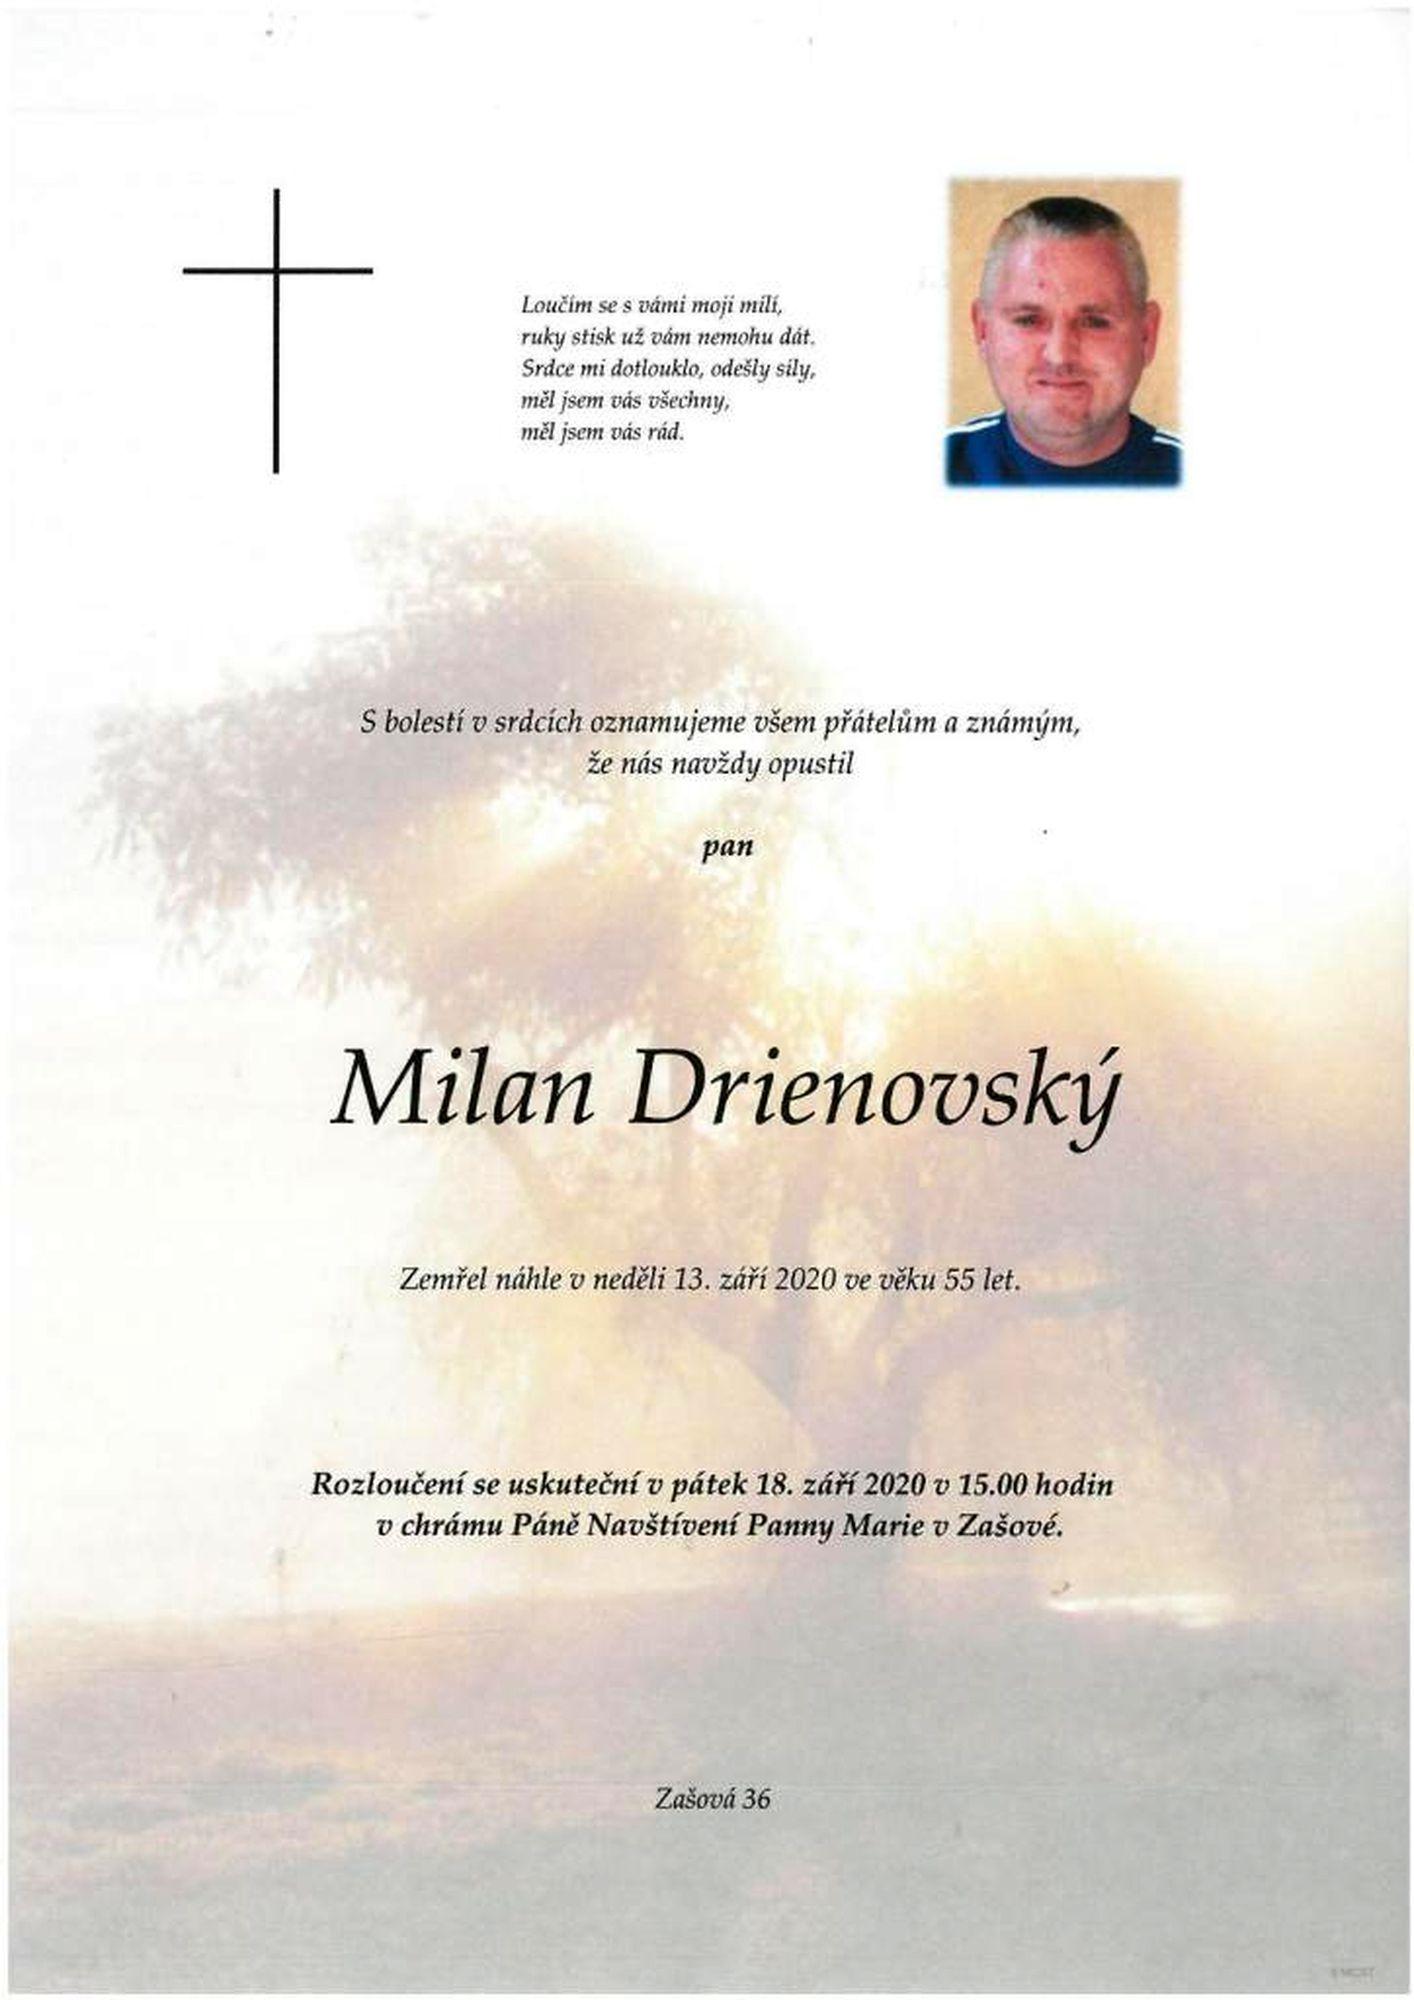 Milan Drienovský